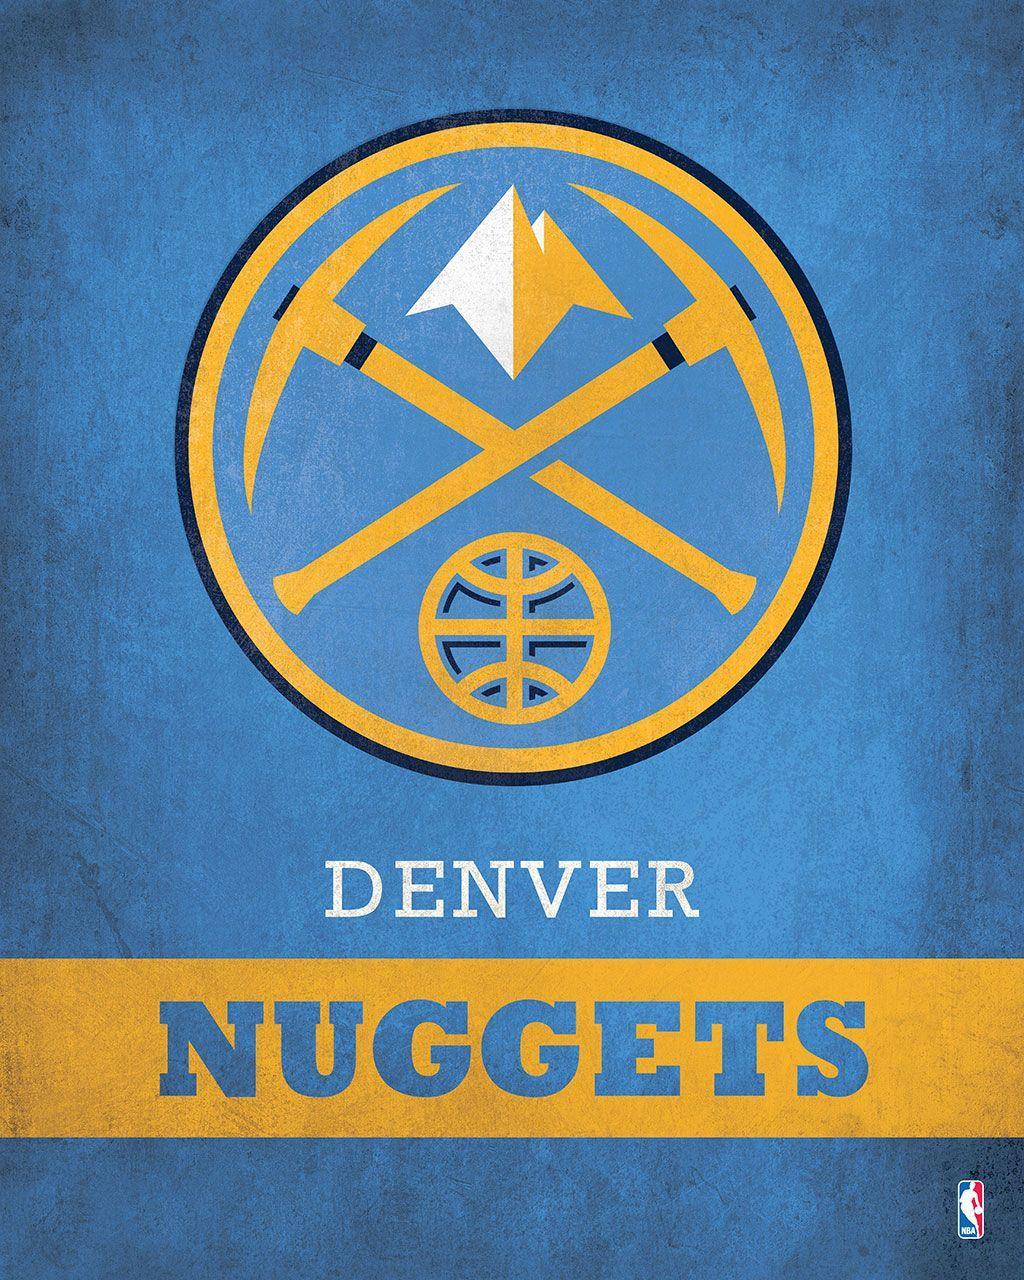 Denver Nuggets | NBA IPHONE WALLPAPER | Pinterest | Denver, Denver ...